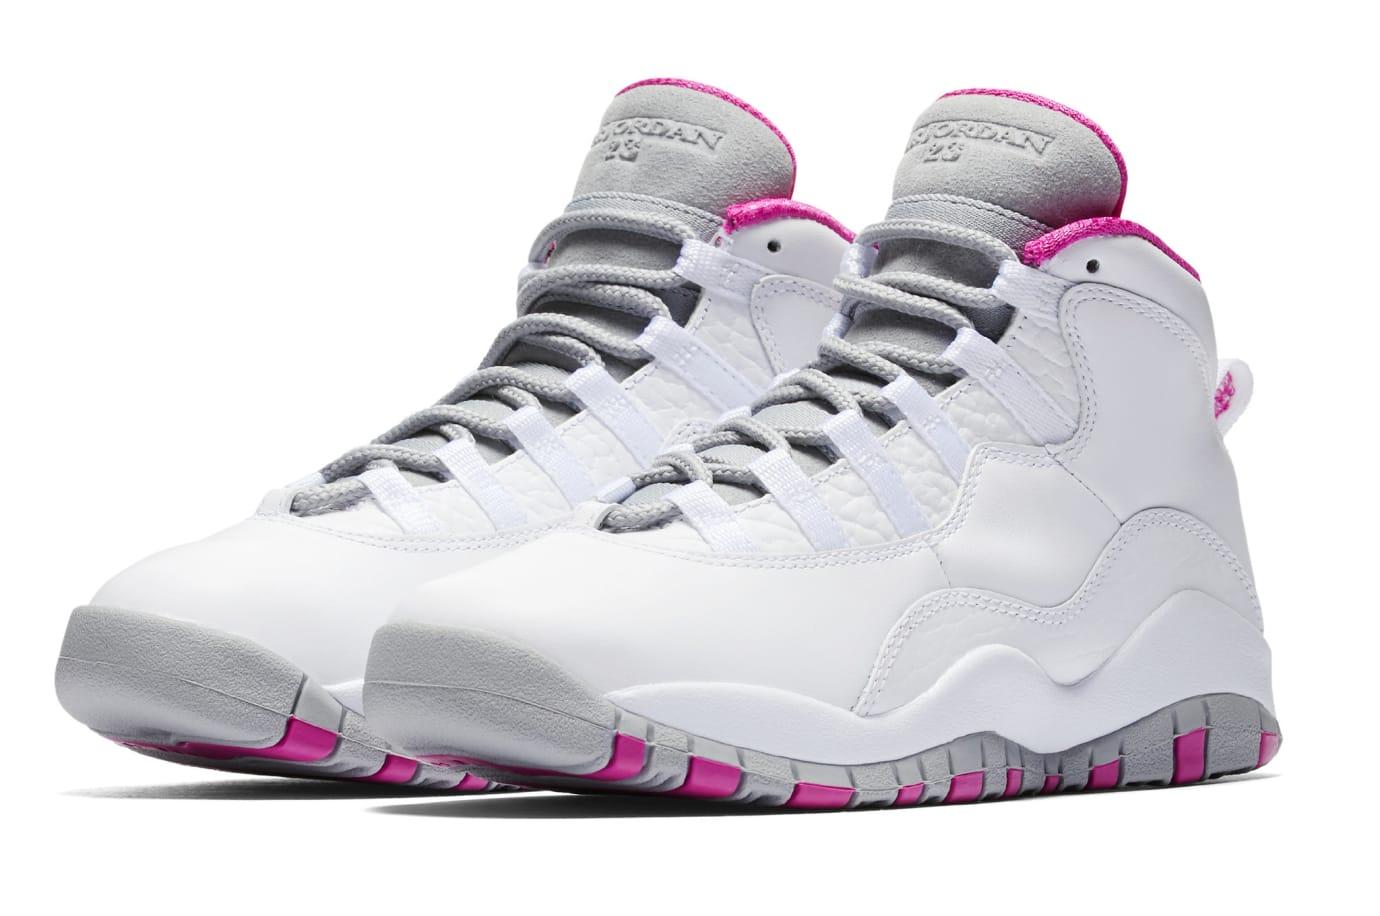 Air Jordan 10 X Maya Moore Release Date